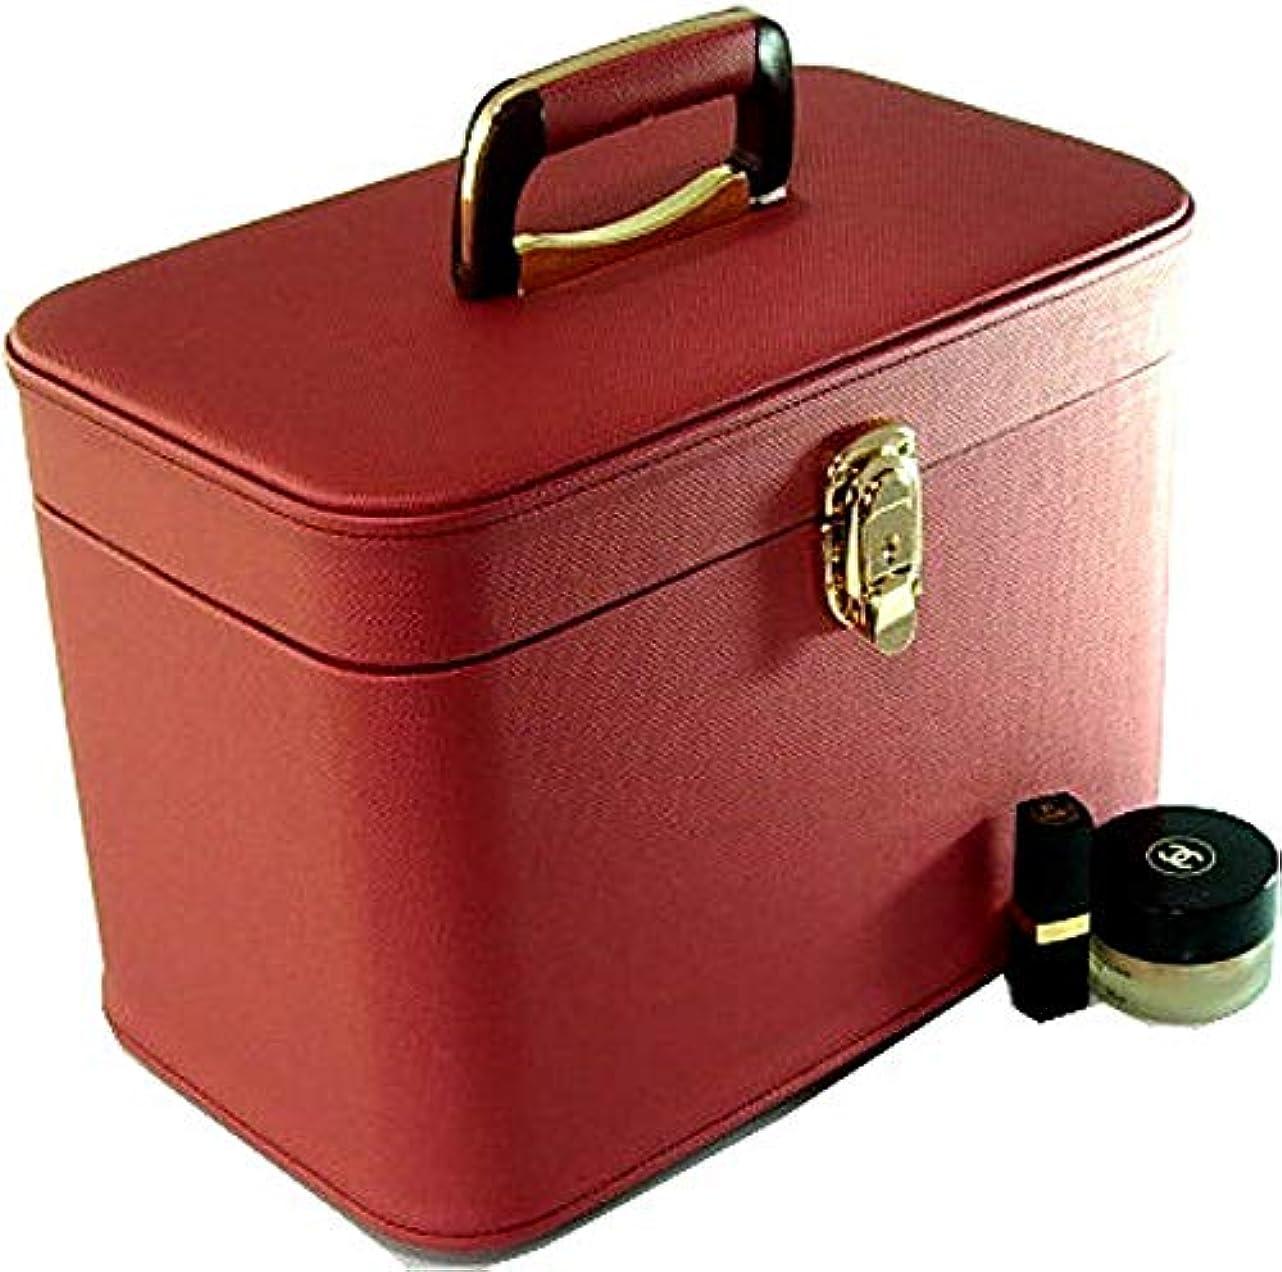 手書き守銭奴偽メイクボックス コスメボックス トリプルG2 33cm ヨコパールワイン 日本製,メイクアップボックス,トレンチケース,お化粧入れ,化粧雑貨,メーキャップボックス,化粧箱,かわいい,メイク道具箱,メイク雑貨,化粧ボックス